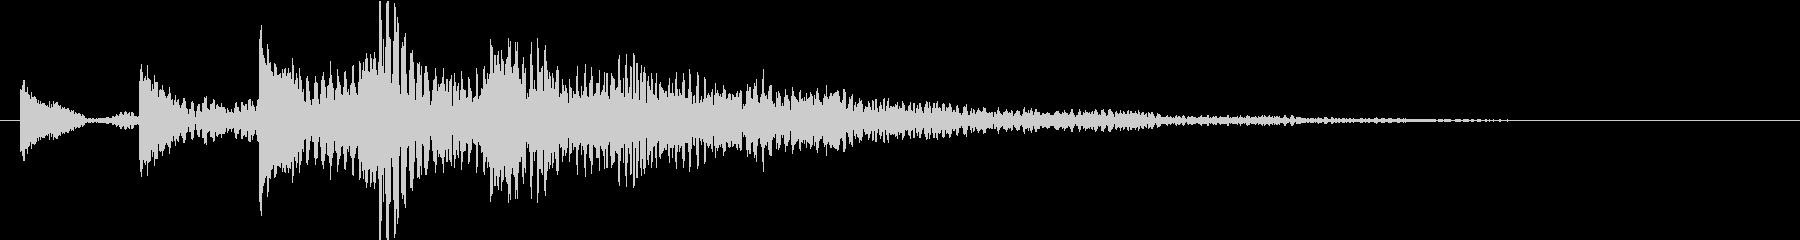 KANT涼しげアイキャッチ09226の未再生の波形